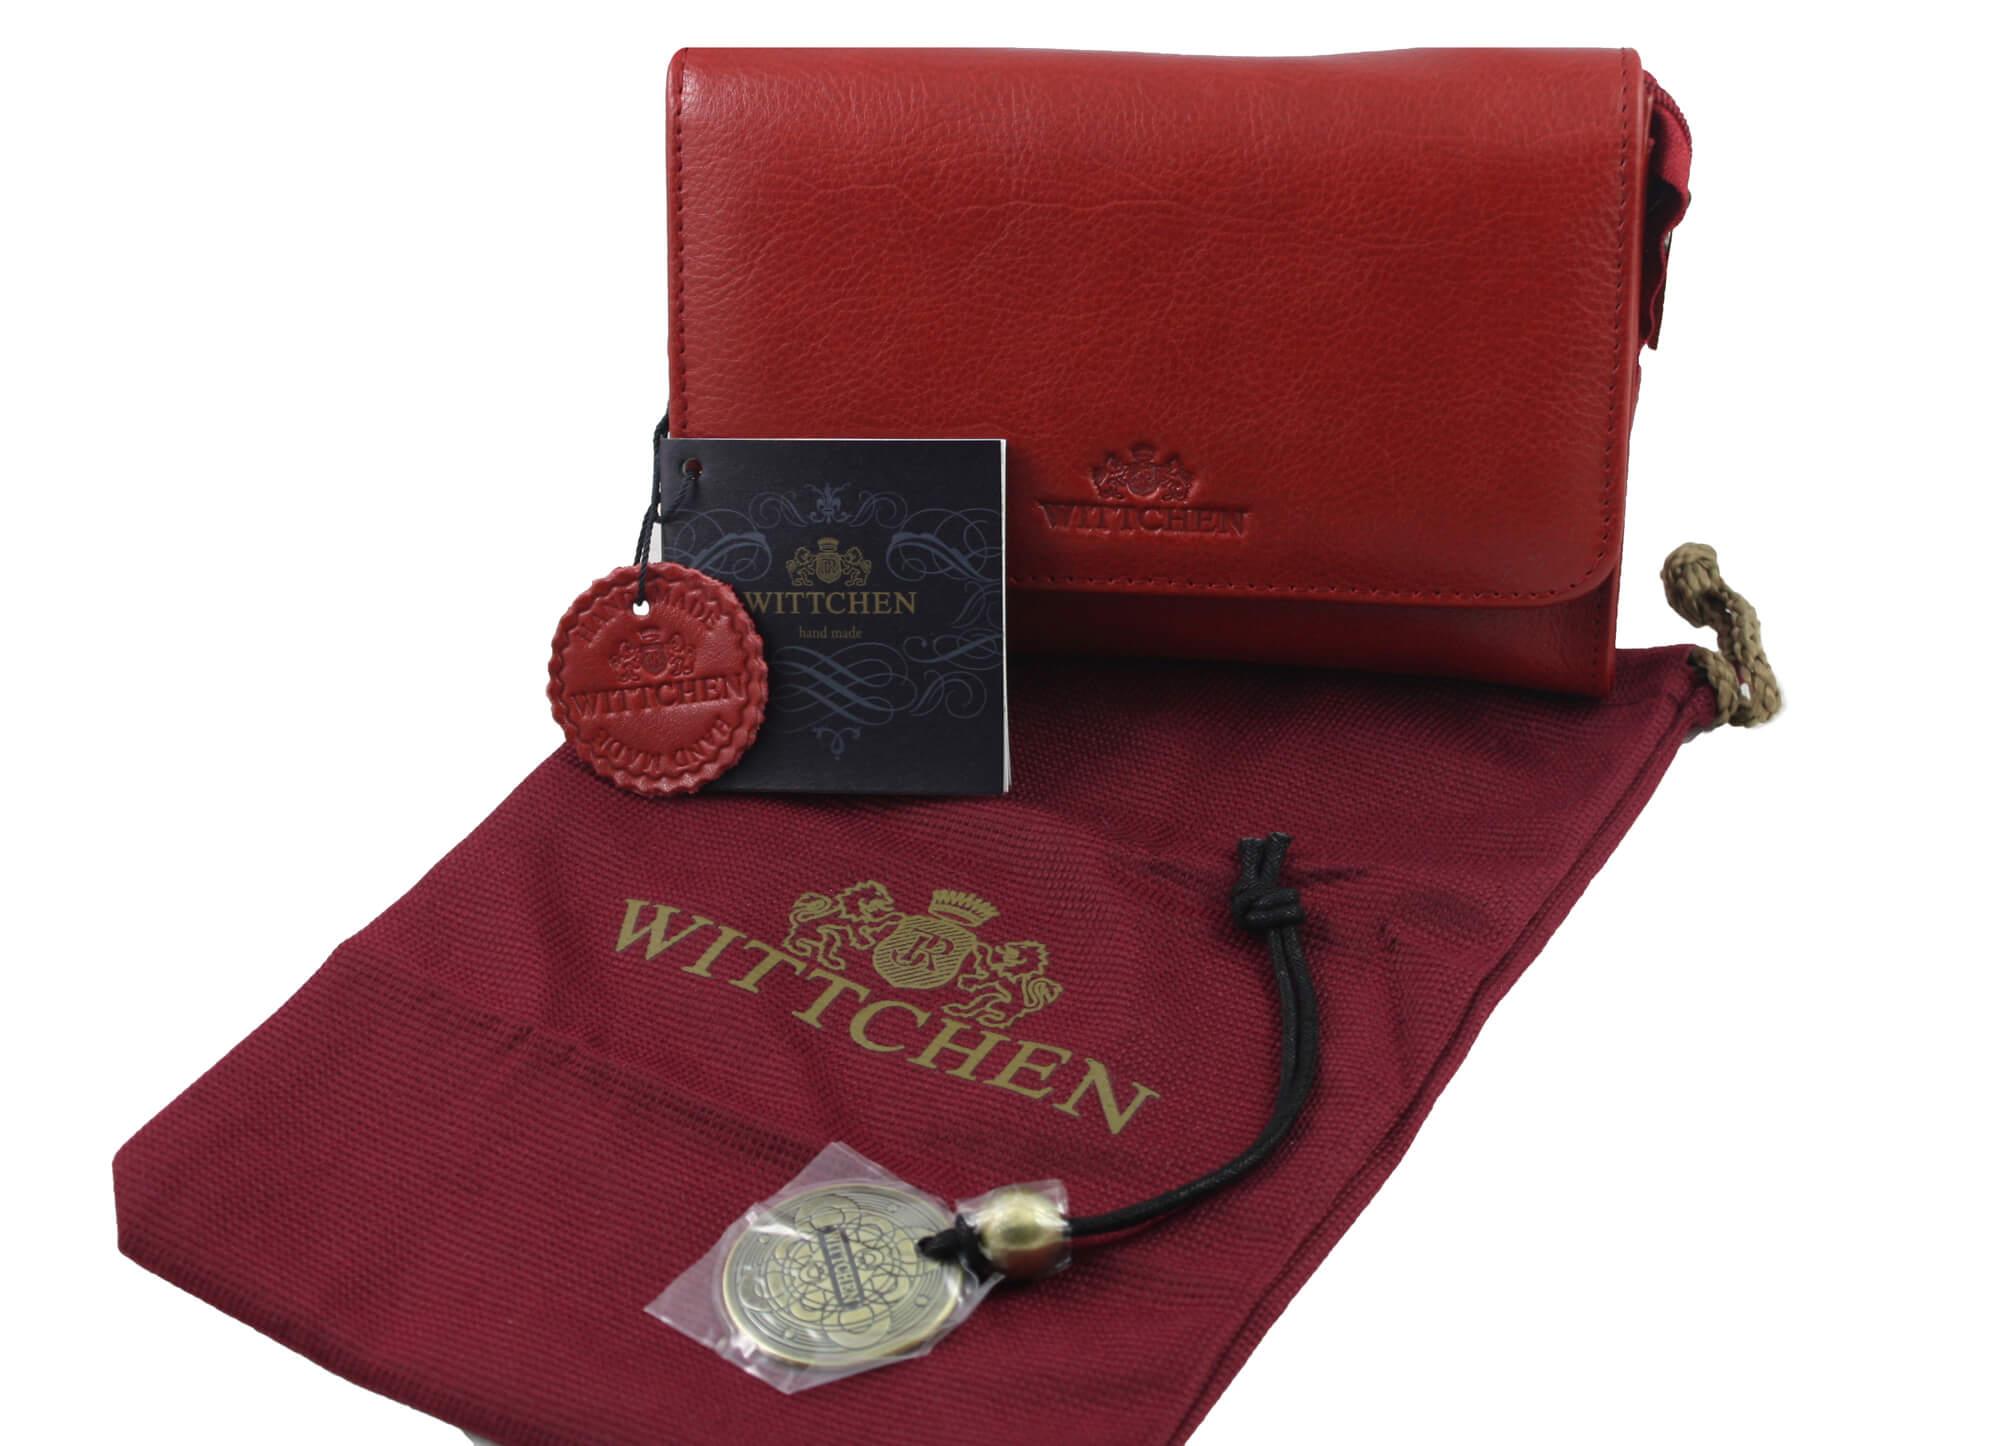 09dbd1461a070 Skórzana kosmetyczka damska z lusterkiem Wittchen w kolorze czerwonym